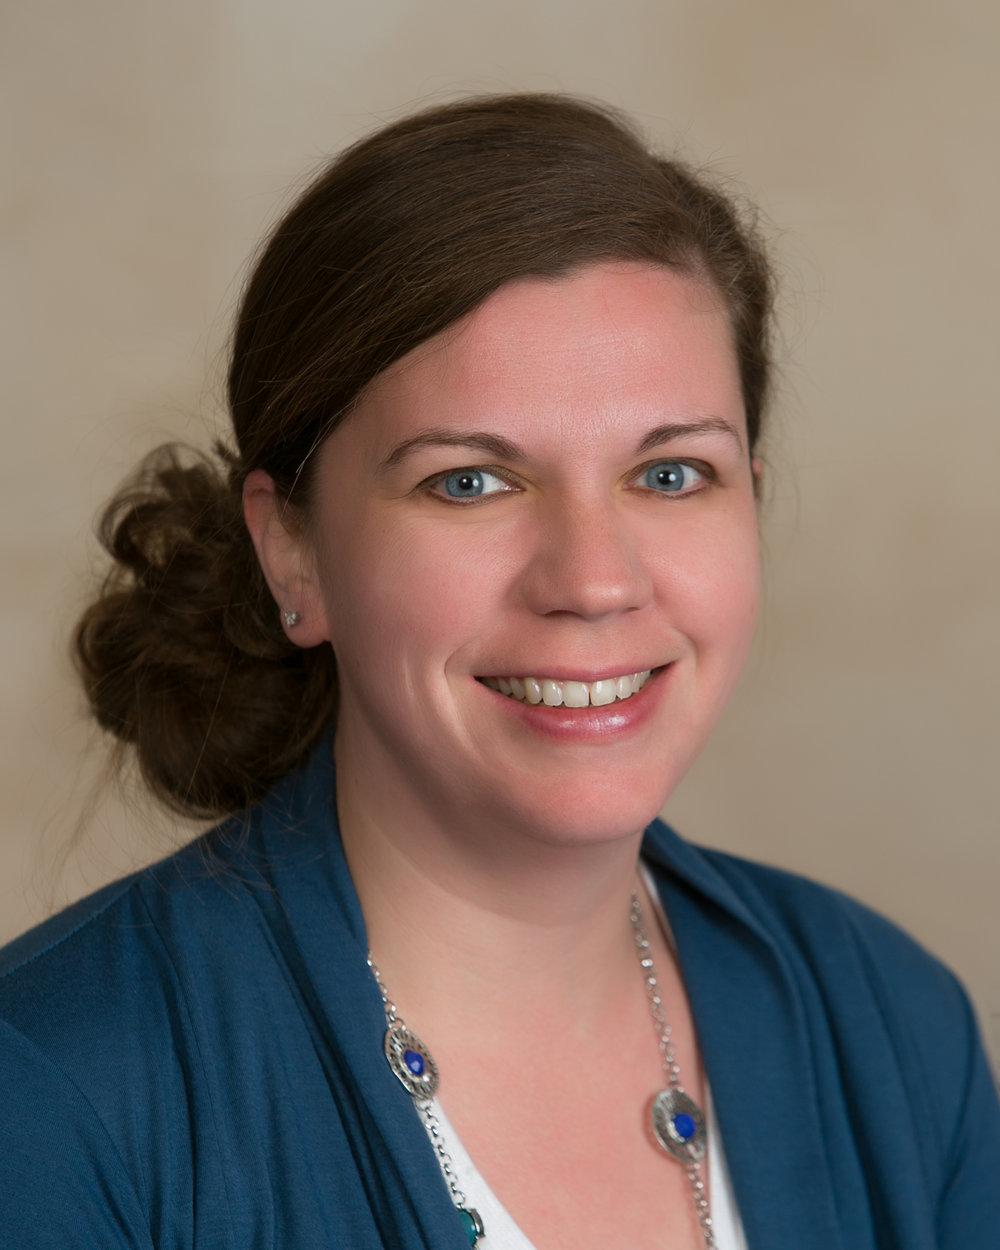 Mrs. Amber Goetz - Director, SLC